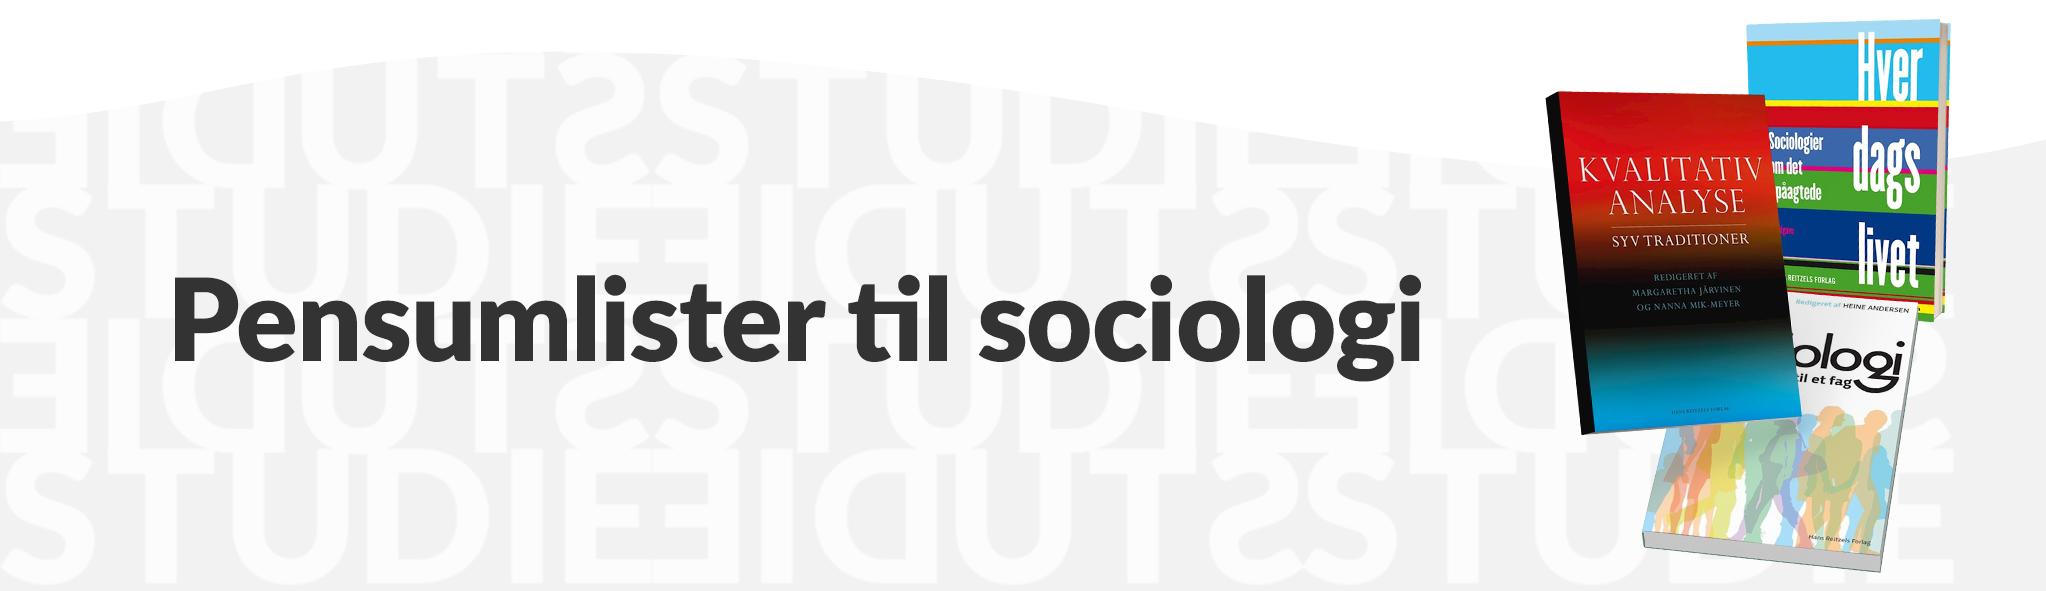 Pensumlister til sociologi